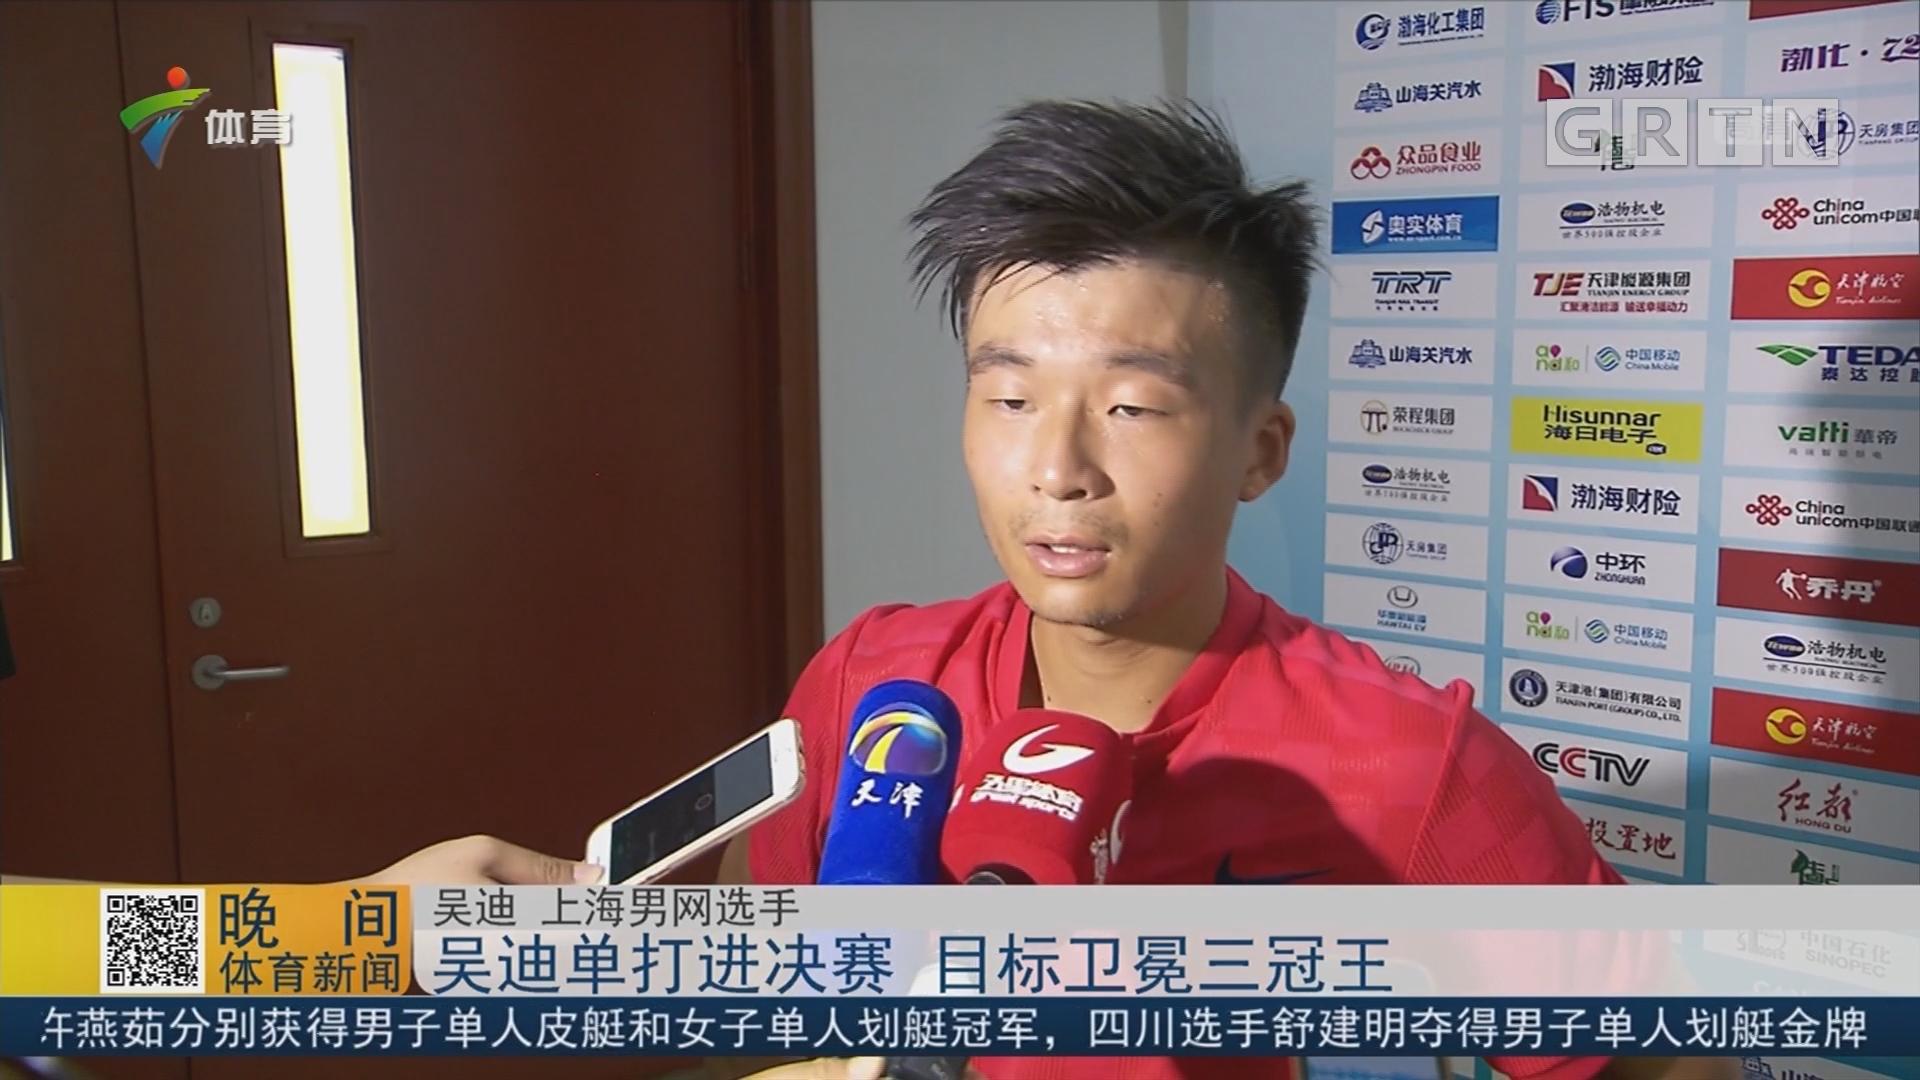 吴迪单打进决赛 目标卫冕三冠王